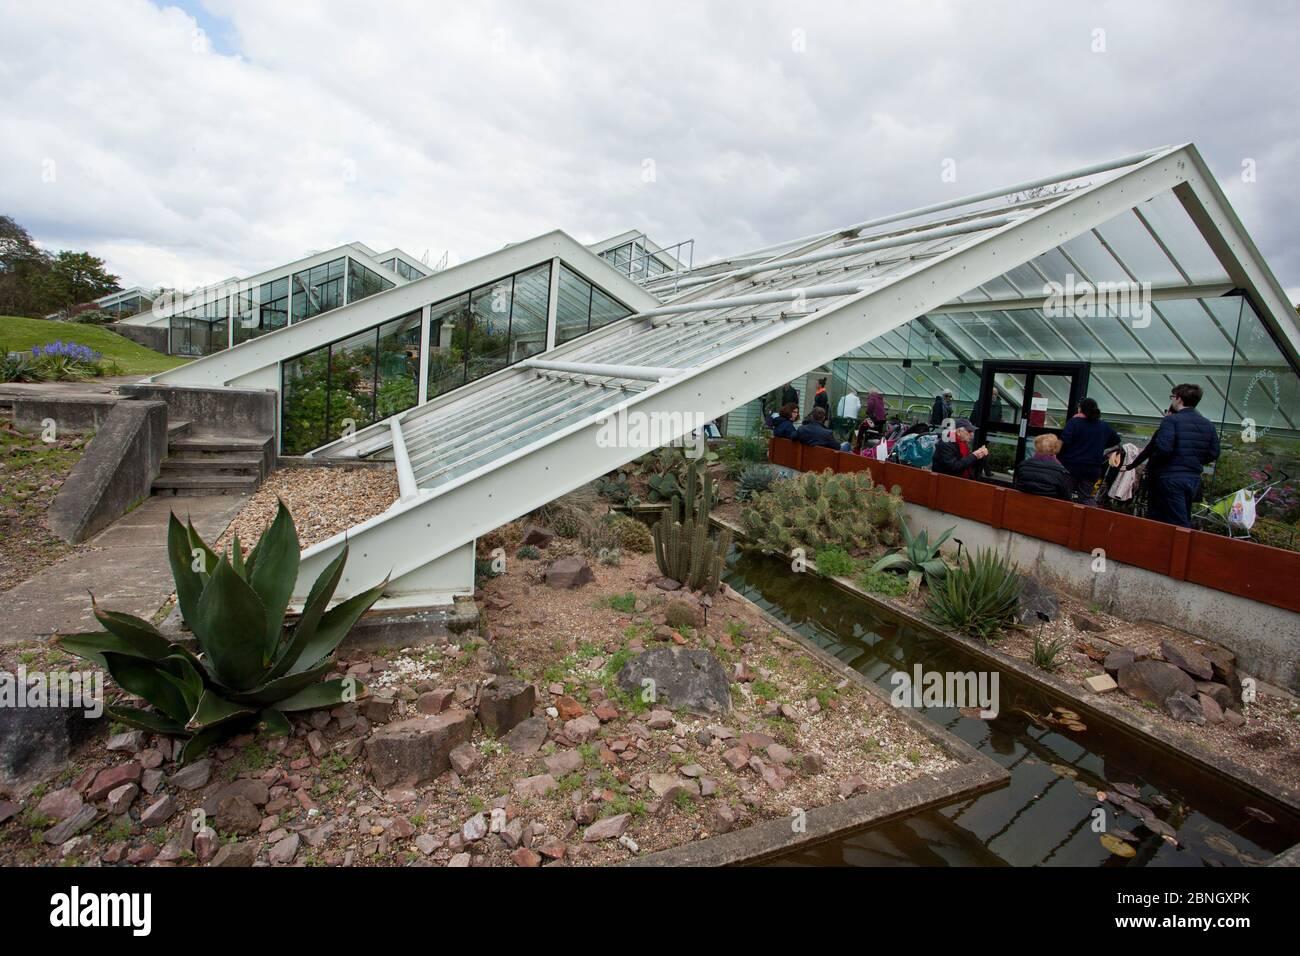 Visiteurs à l'entrée du Princess of Wales Conservatory, Kew Gardens, Londres, Royaume-Uni. 23 avril 2016 Banque D'Images